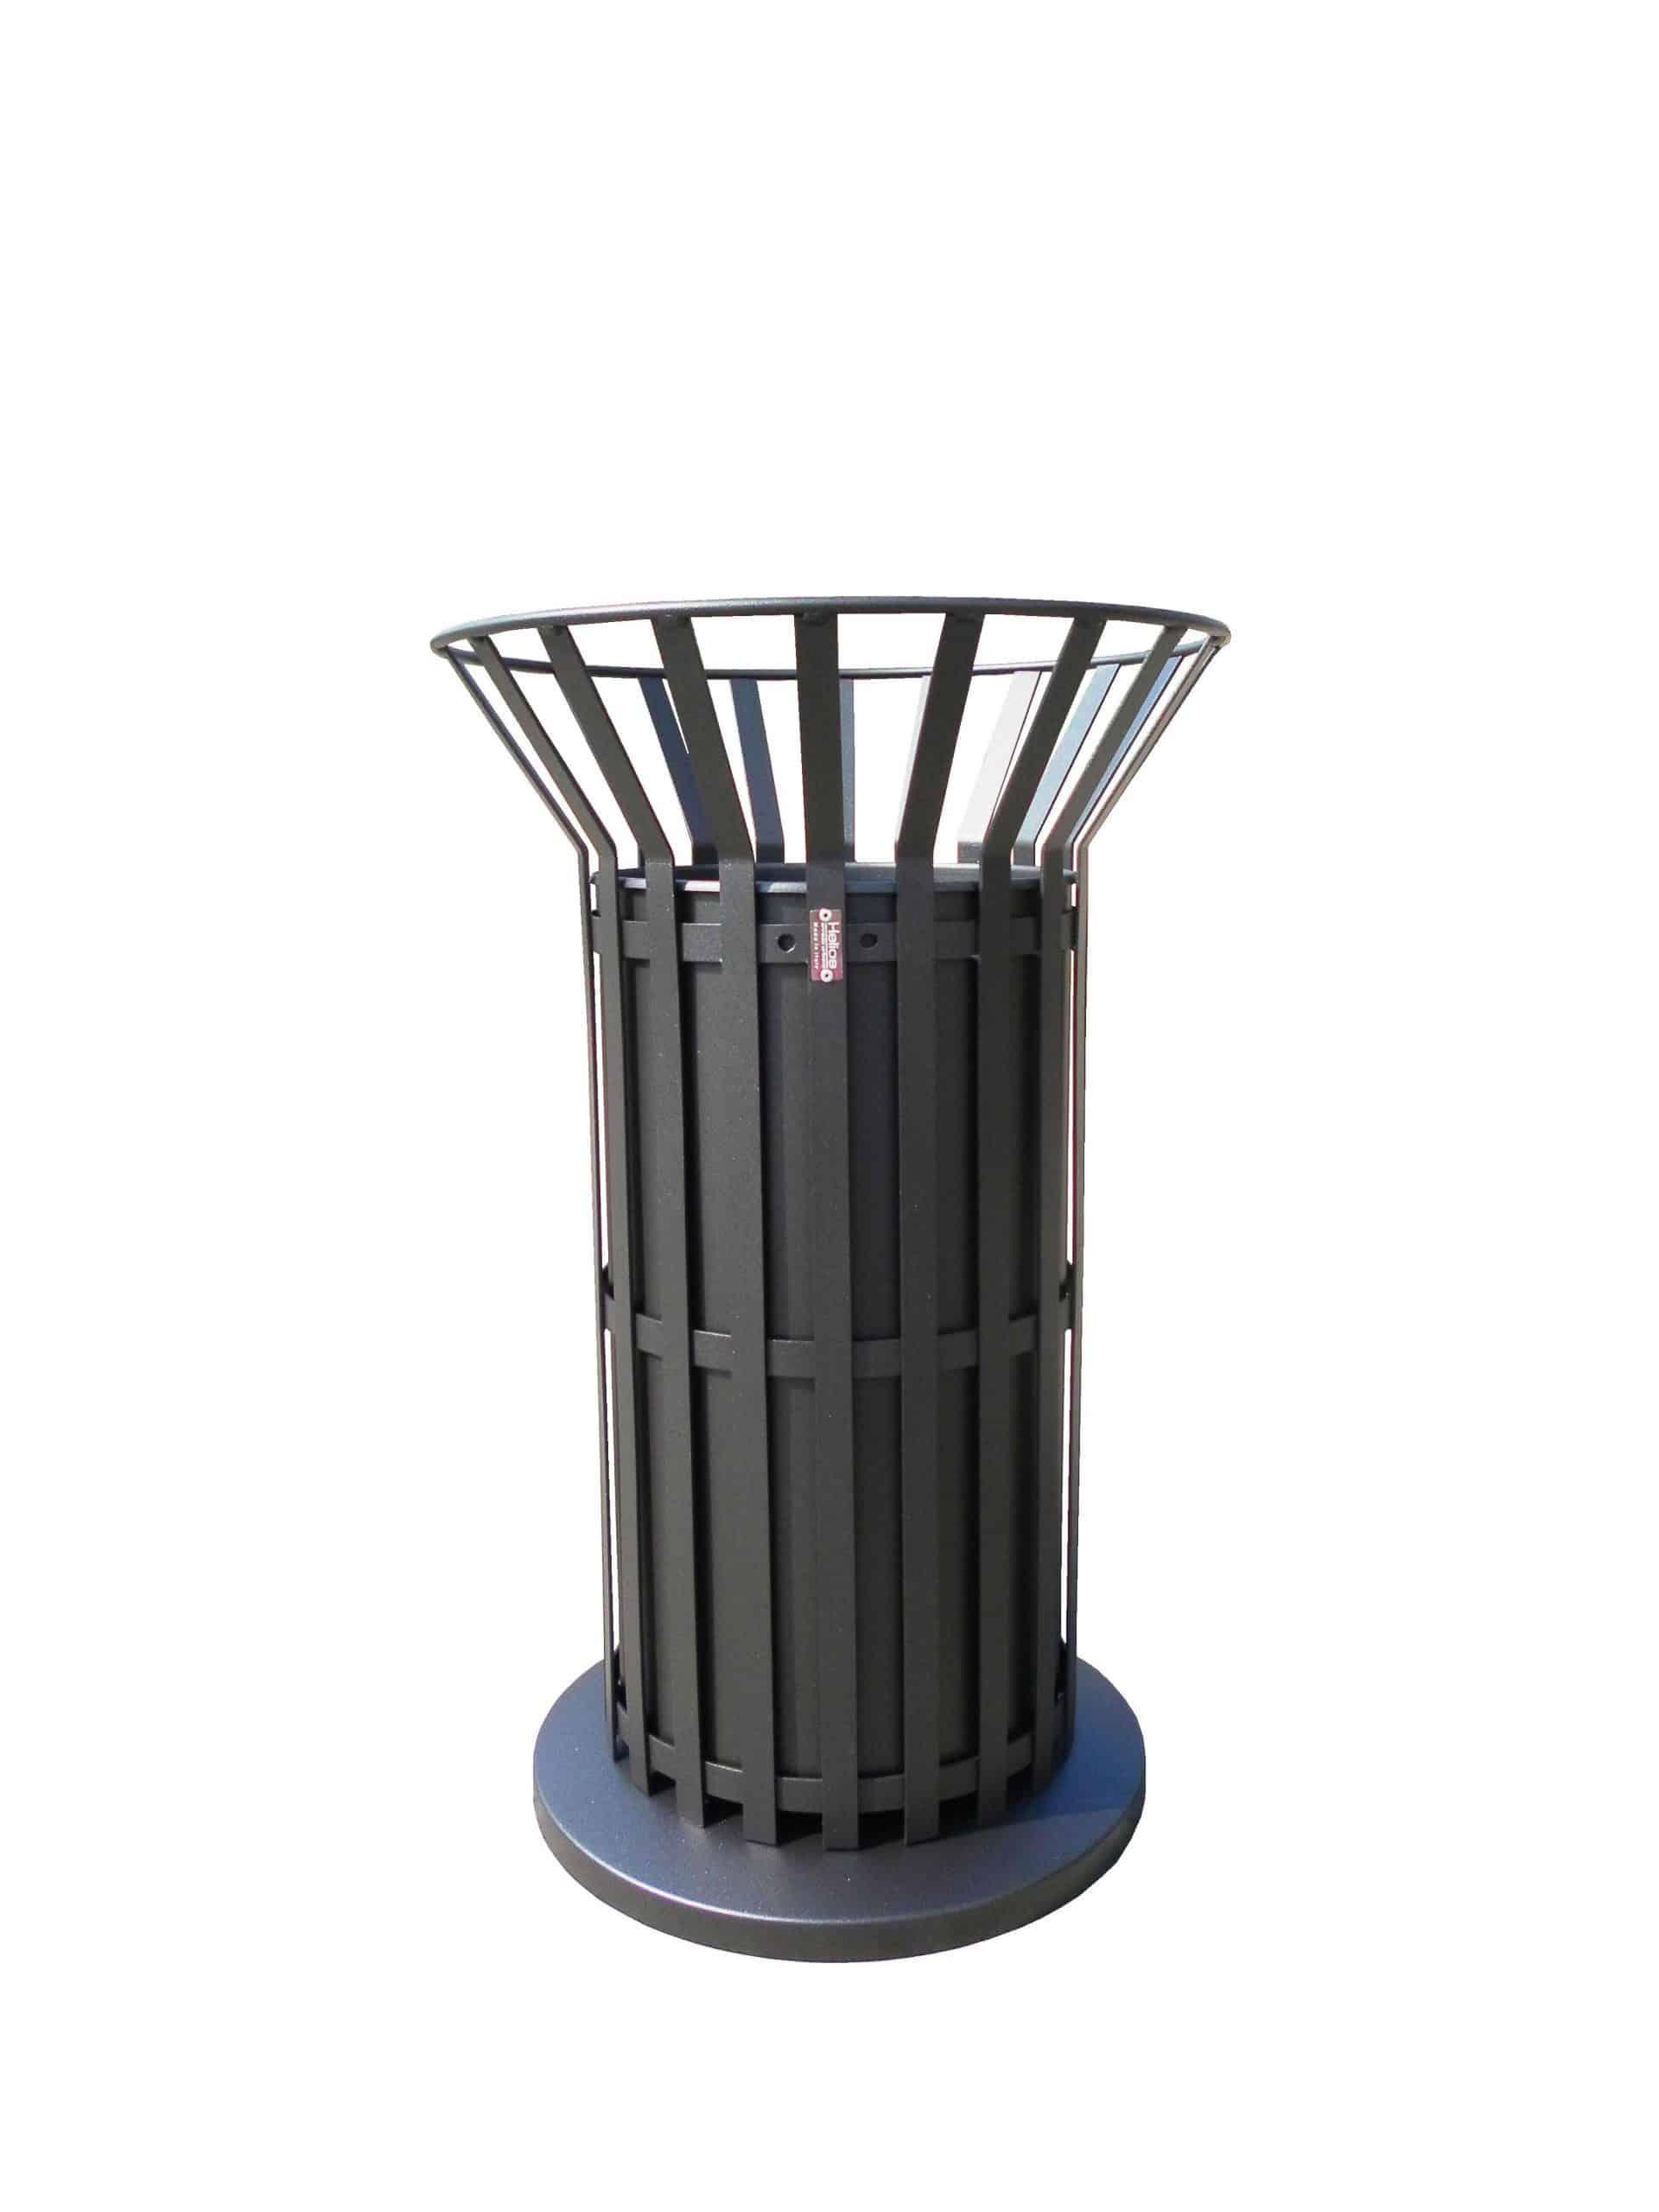 Mülleimer Corona Produktbild